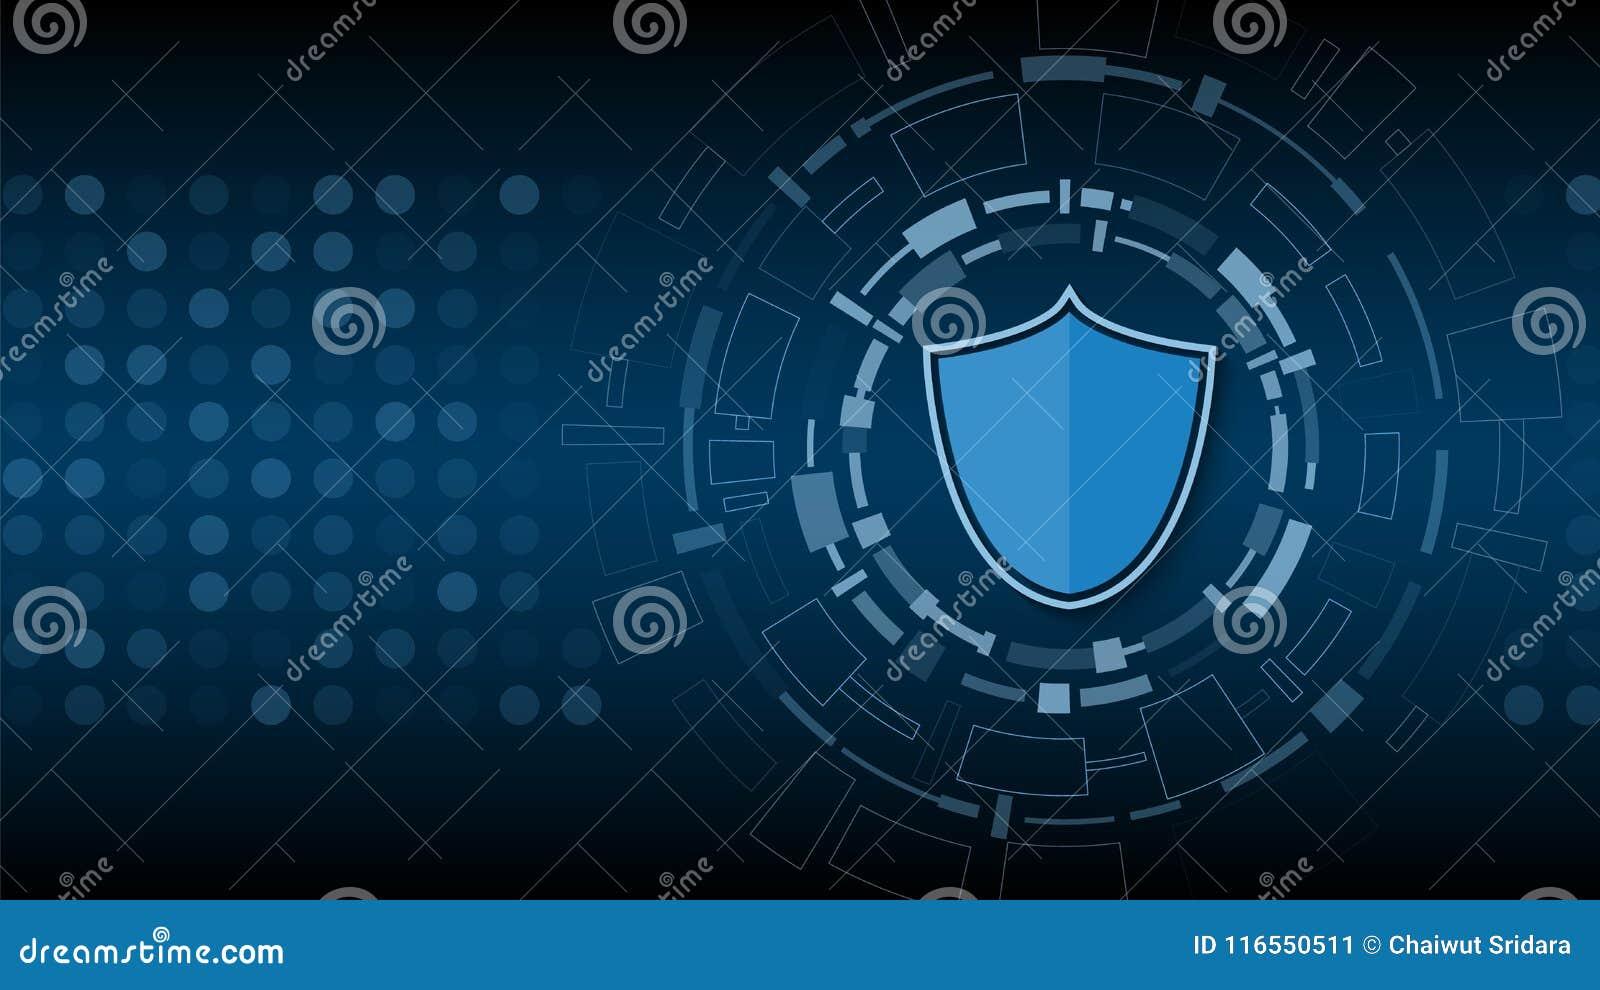 网络技术安全,网络保护背景设计,